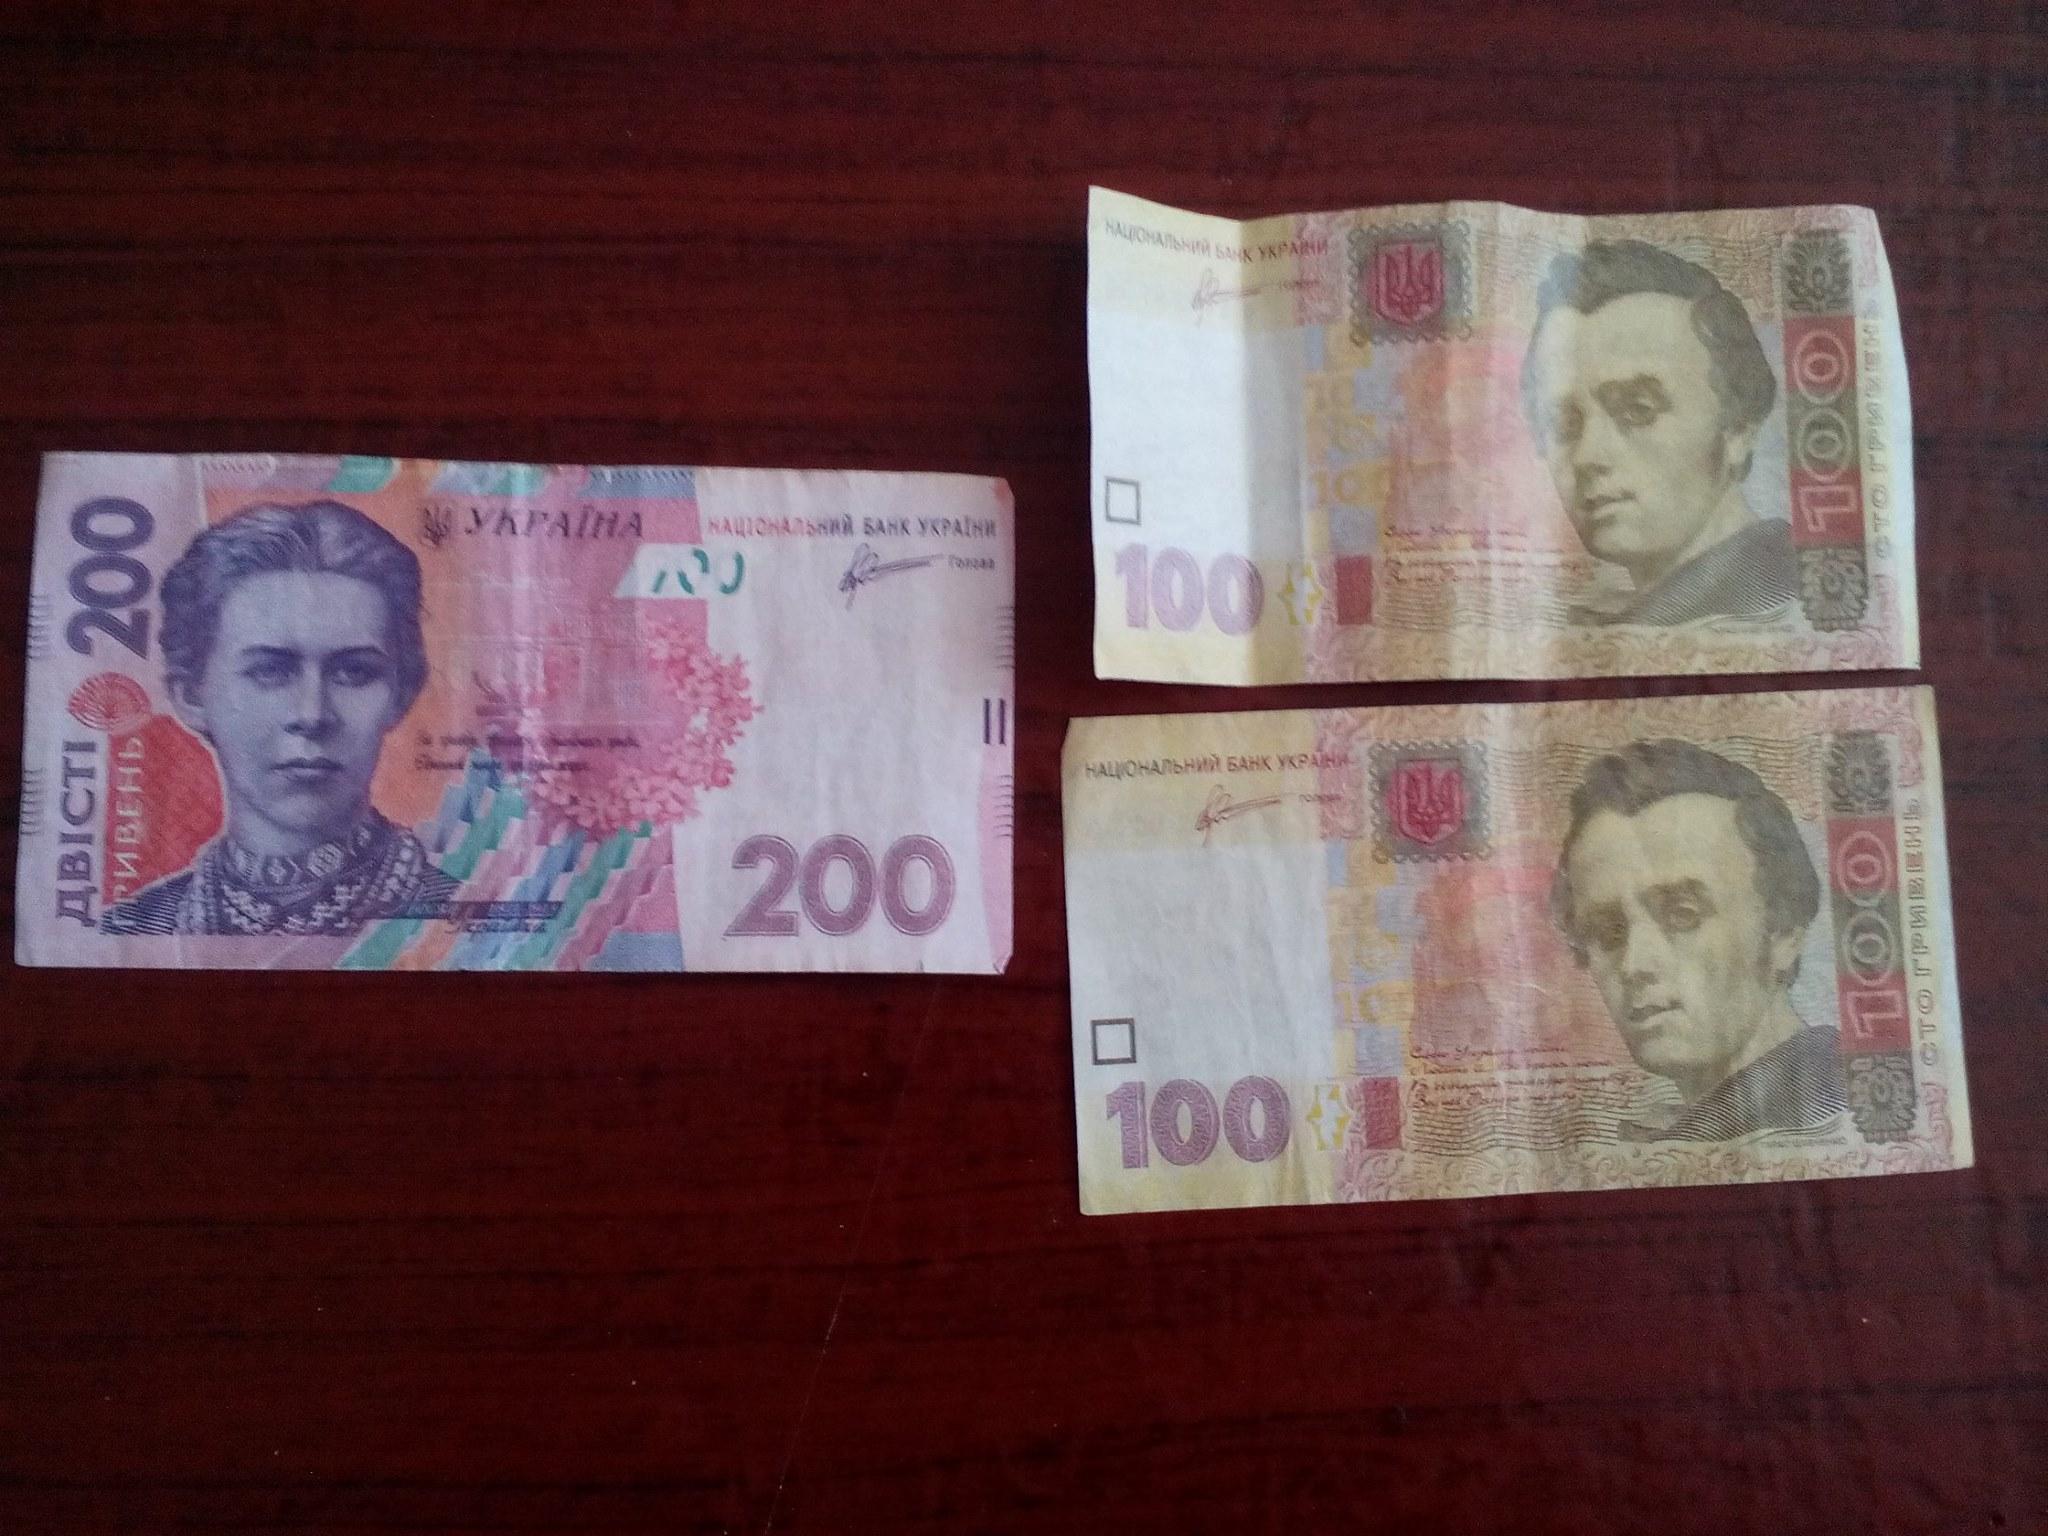 В Луганской обл. жителям подбрасывают конверты с фальшивыми купюрами и агитматериалами кандидата в депутаты Украины, — полиция